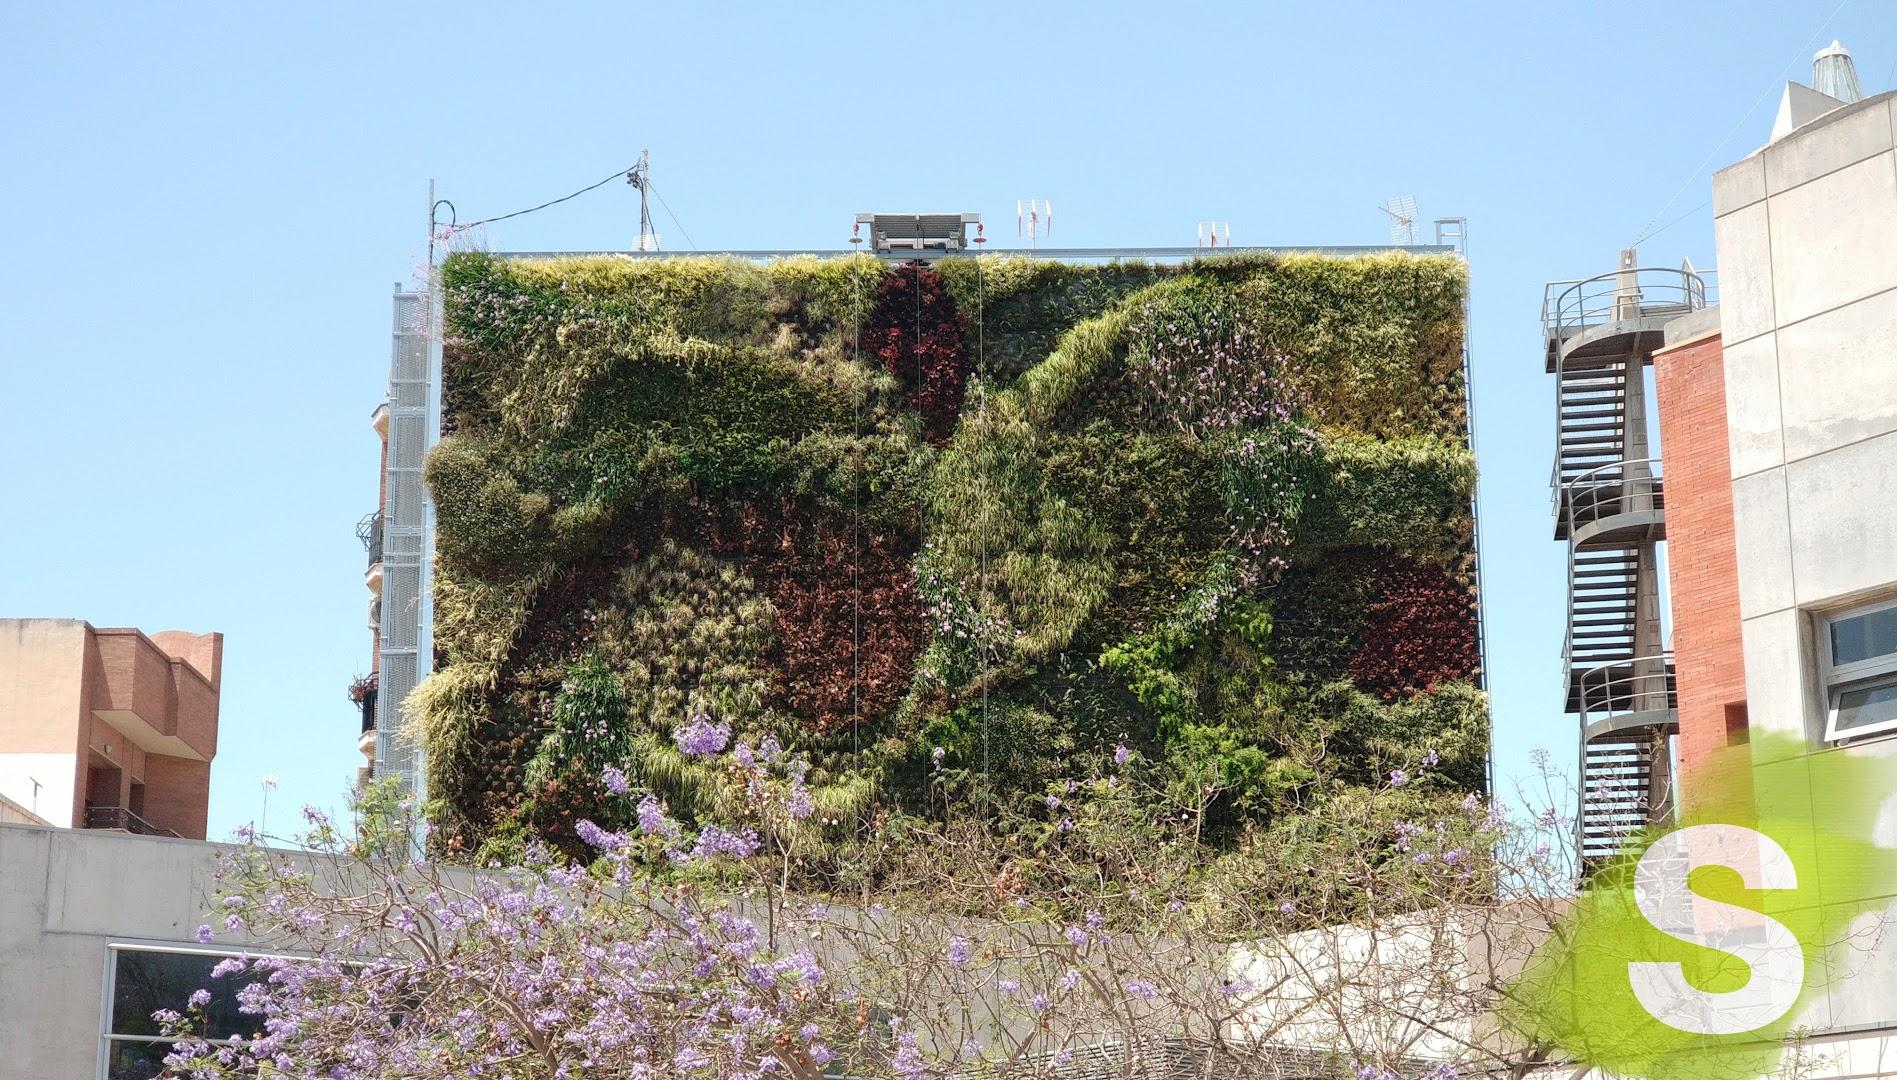 Jardín vertical instalado en la plaza del Ayuntamiento en San Vicente del Raspeig, Alicante